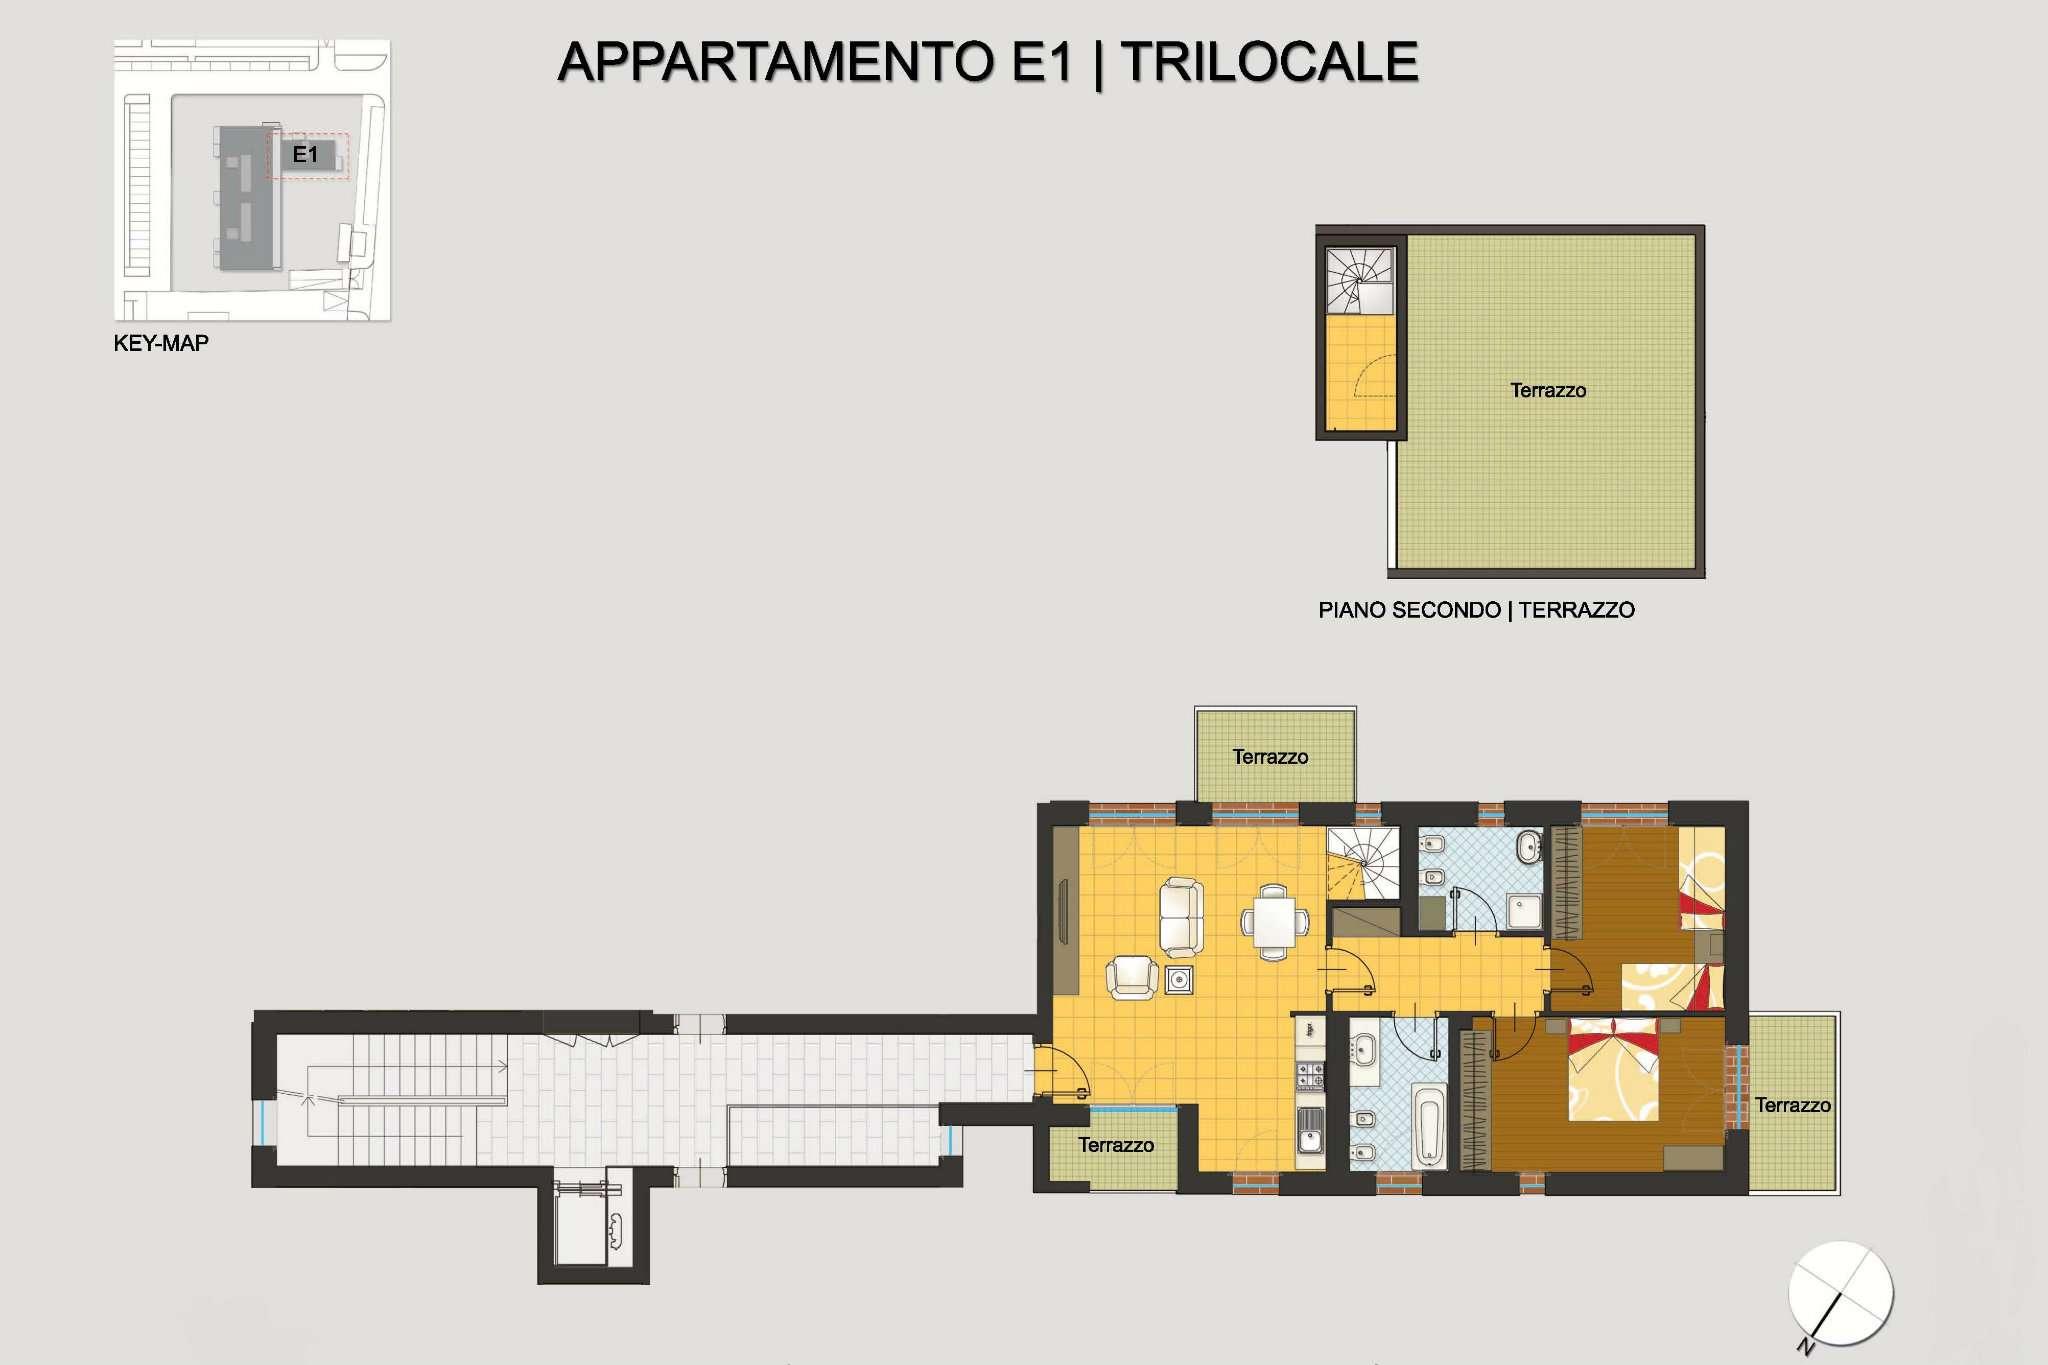 Appartamento in vendita a Pregnana Milanese, 3 locali, prezzo € 295.000 | CambioCasa.it